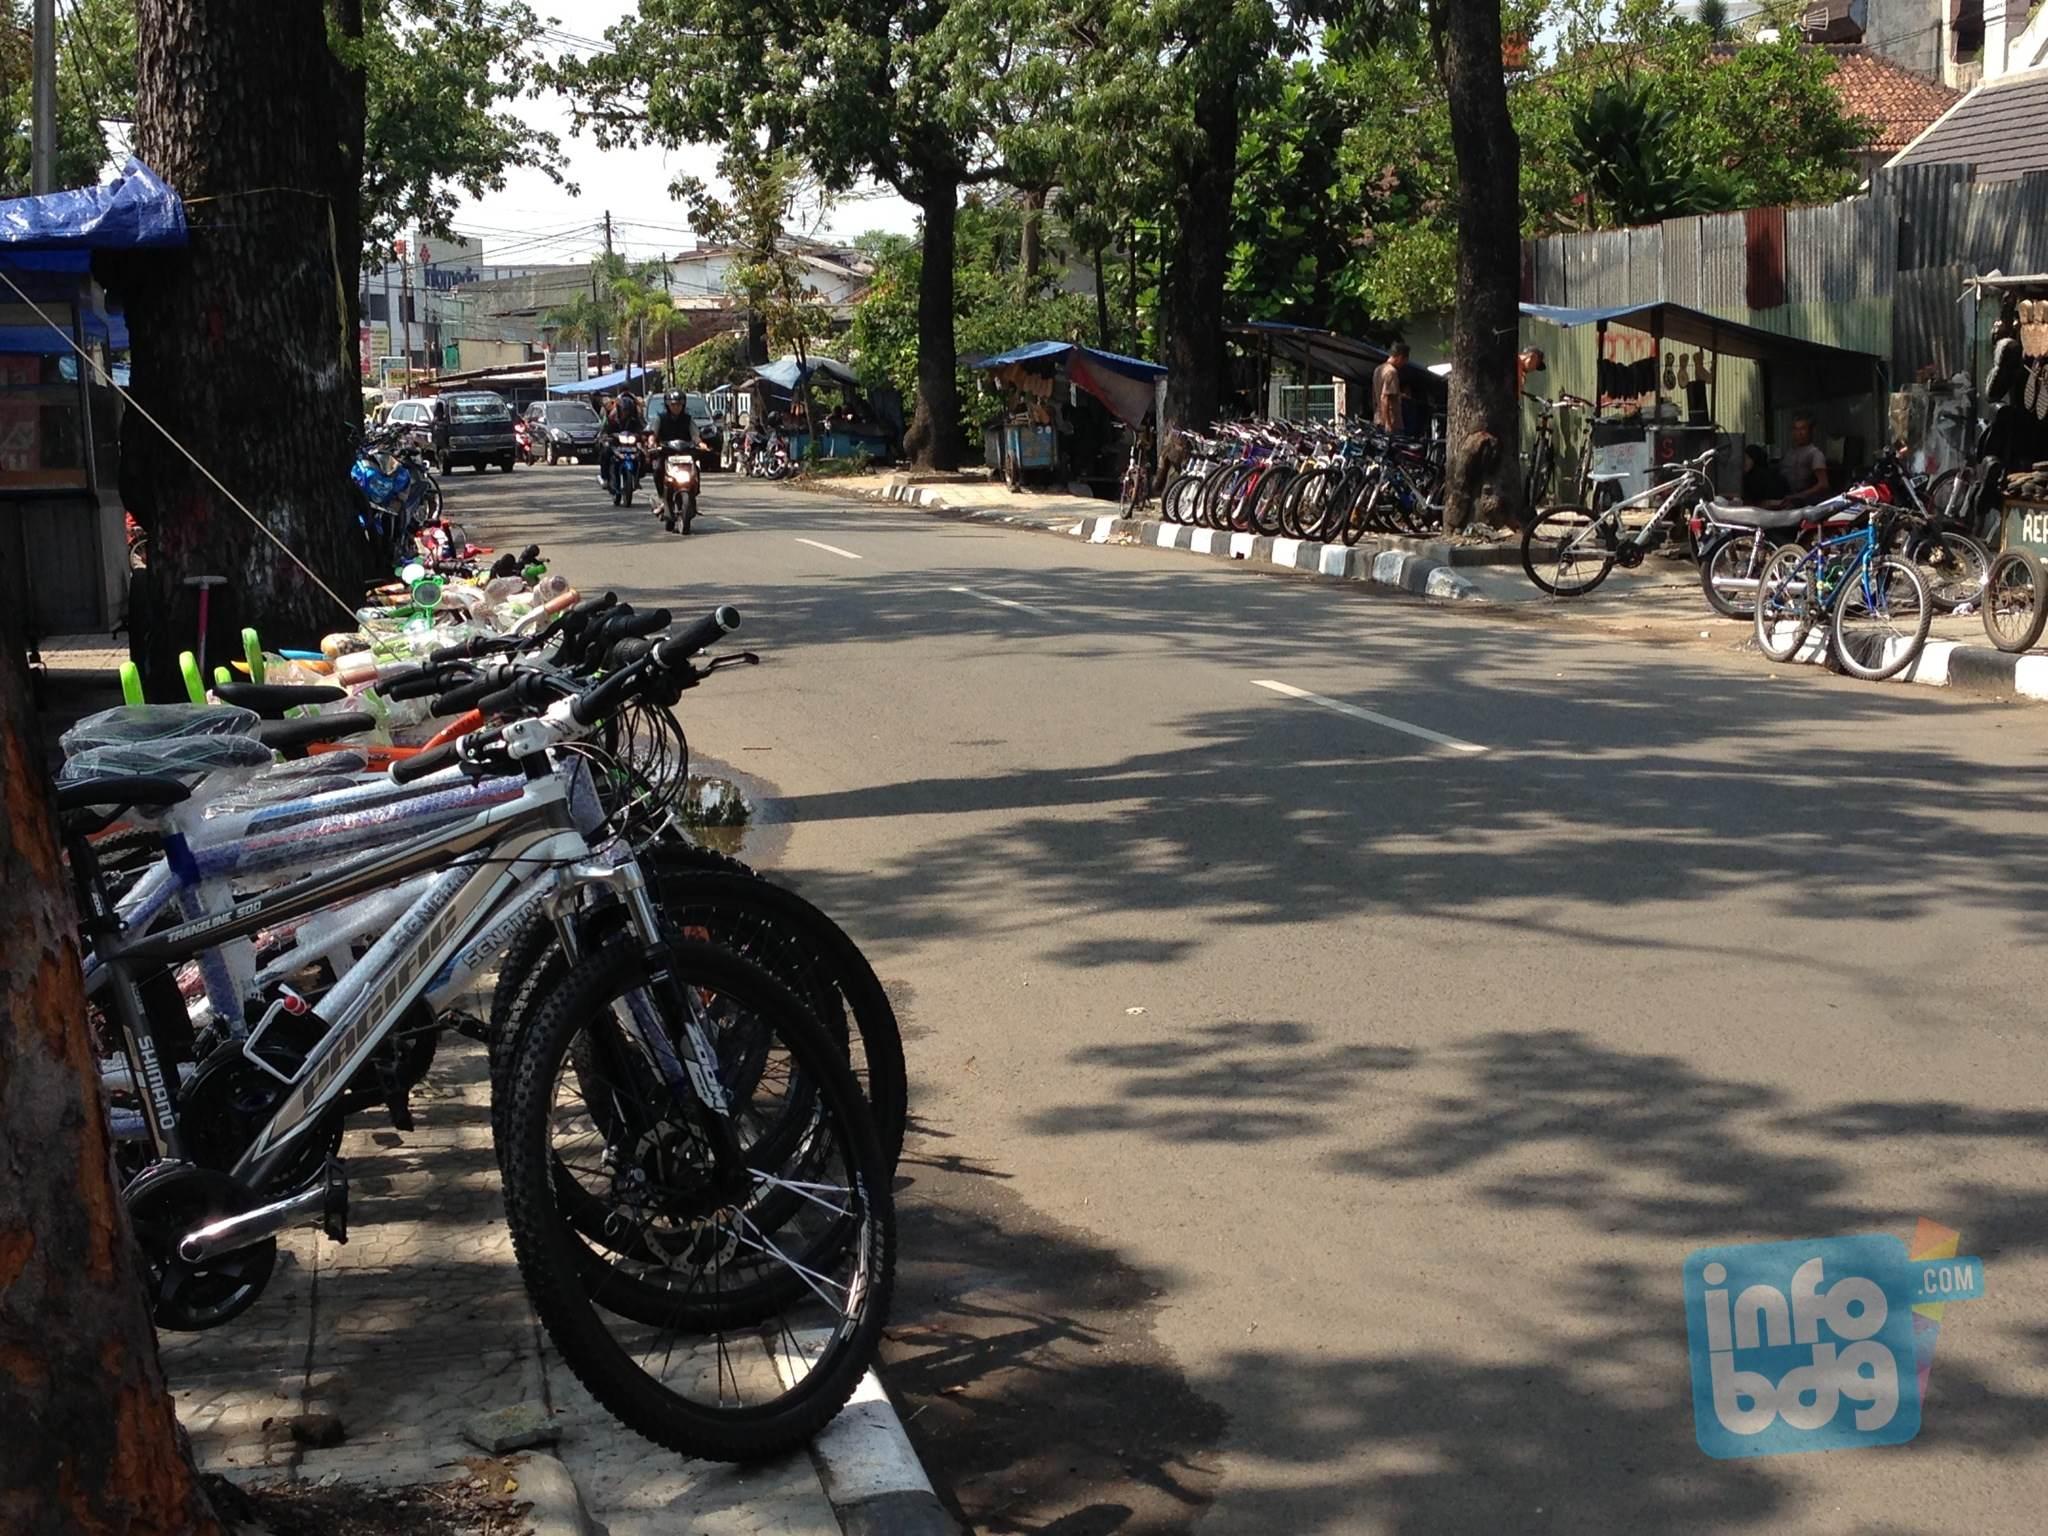 Sentra Sepeda Dan Bengkel Sepeda Di Kota Bandung Infobdg Com